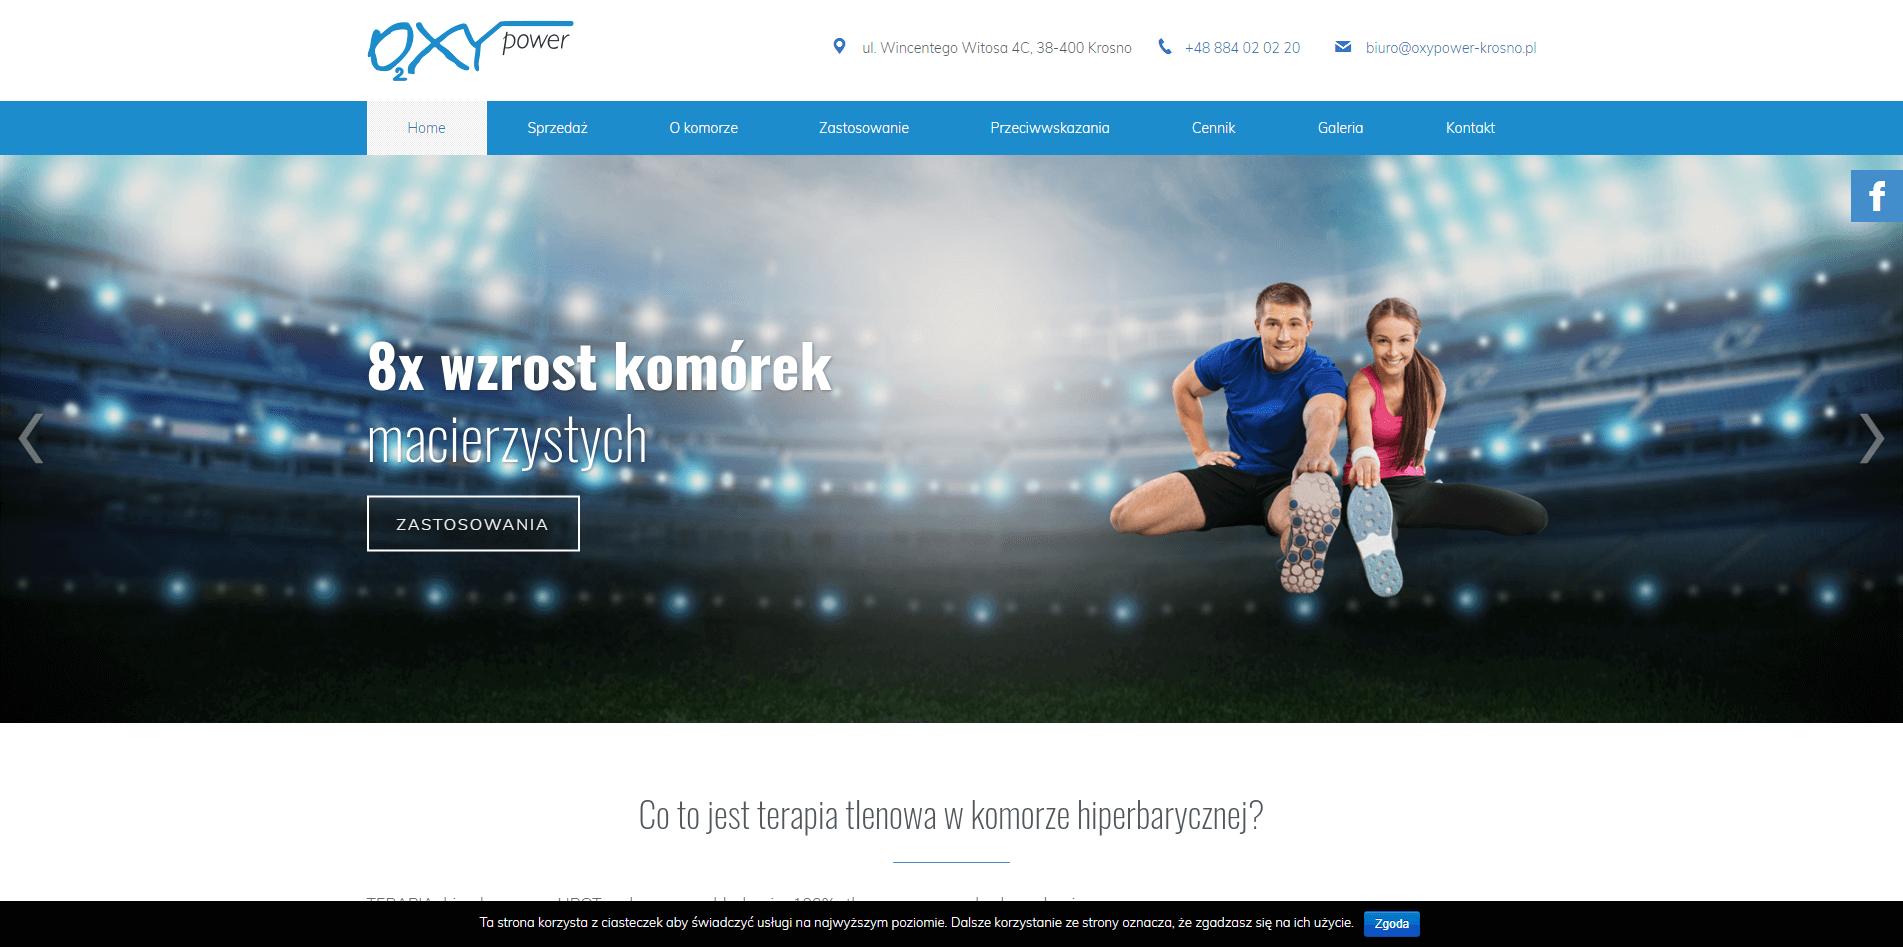 oxypower.rzeszow.pl